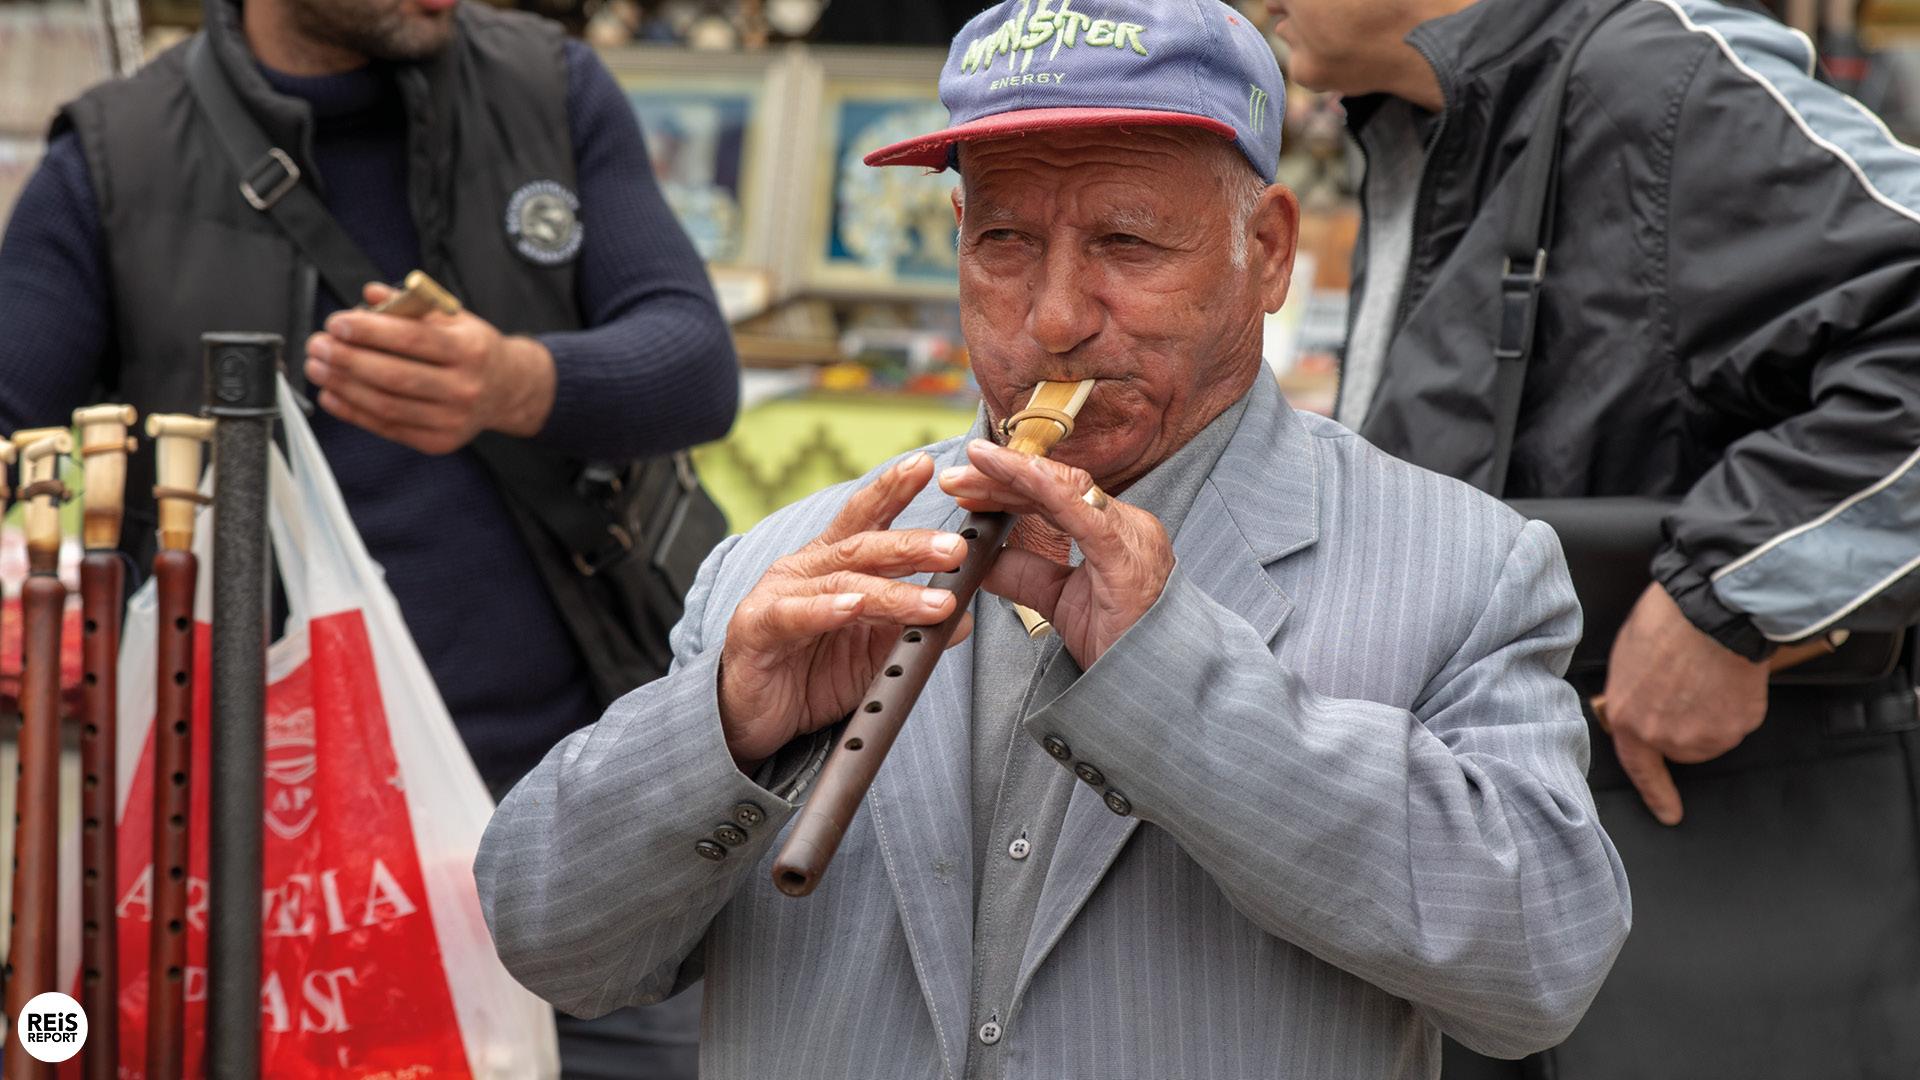 jerevan markt